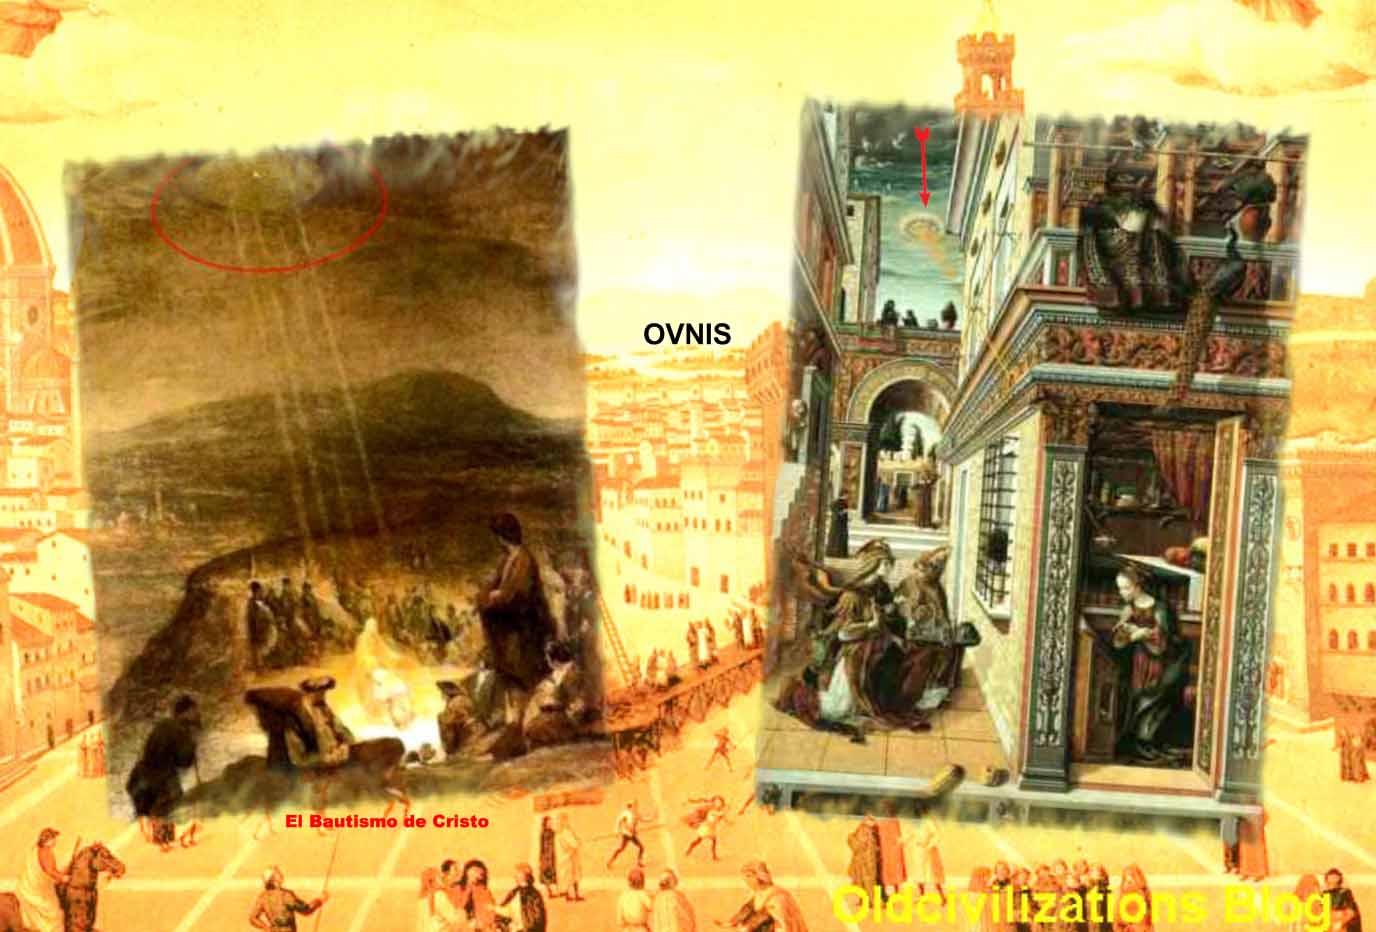 Mensajes ocultos en el arte pictórico « Oldcivilizations\'s Blog